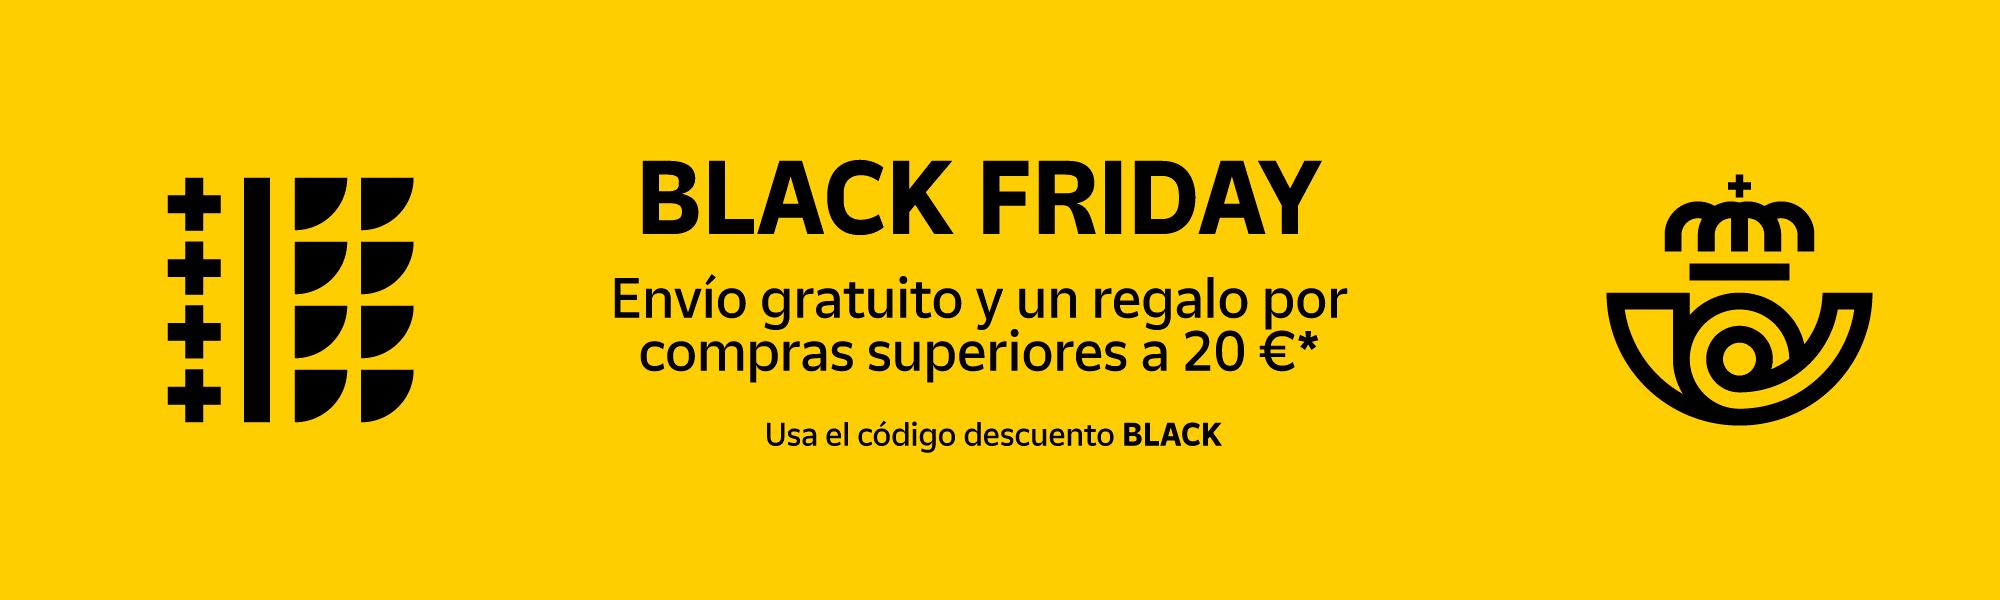 Banner Black Friday - Tienda Online de Correos